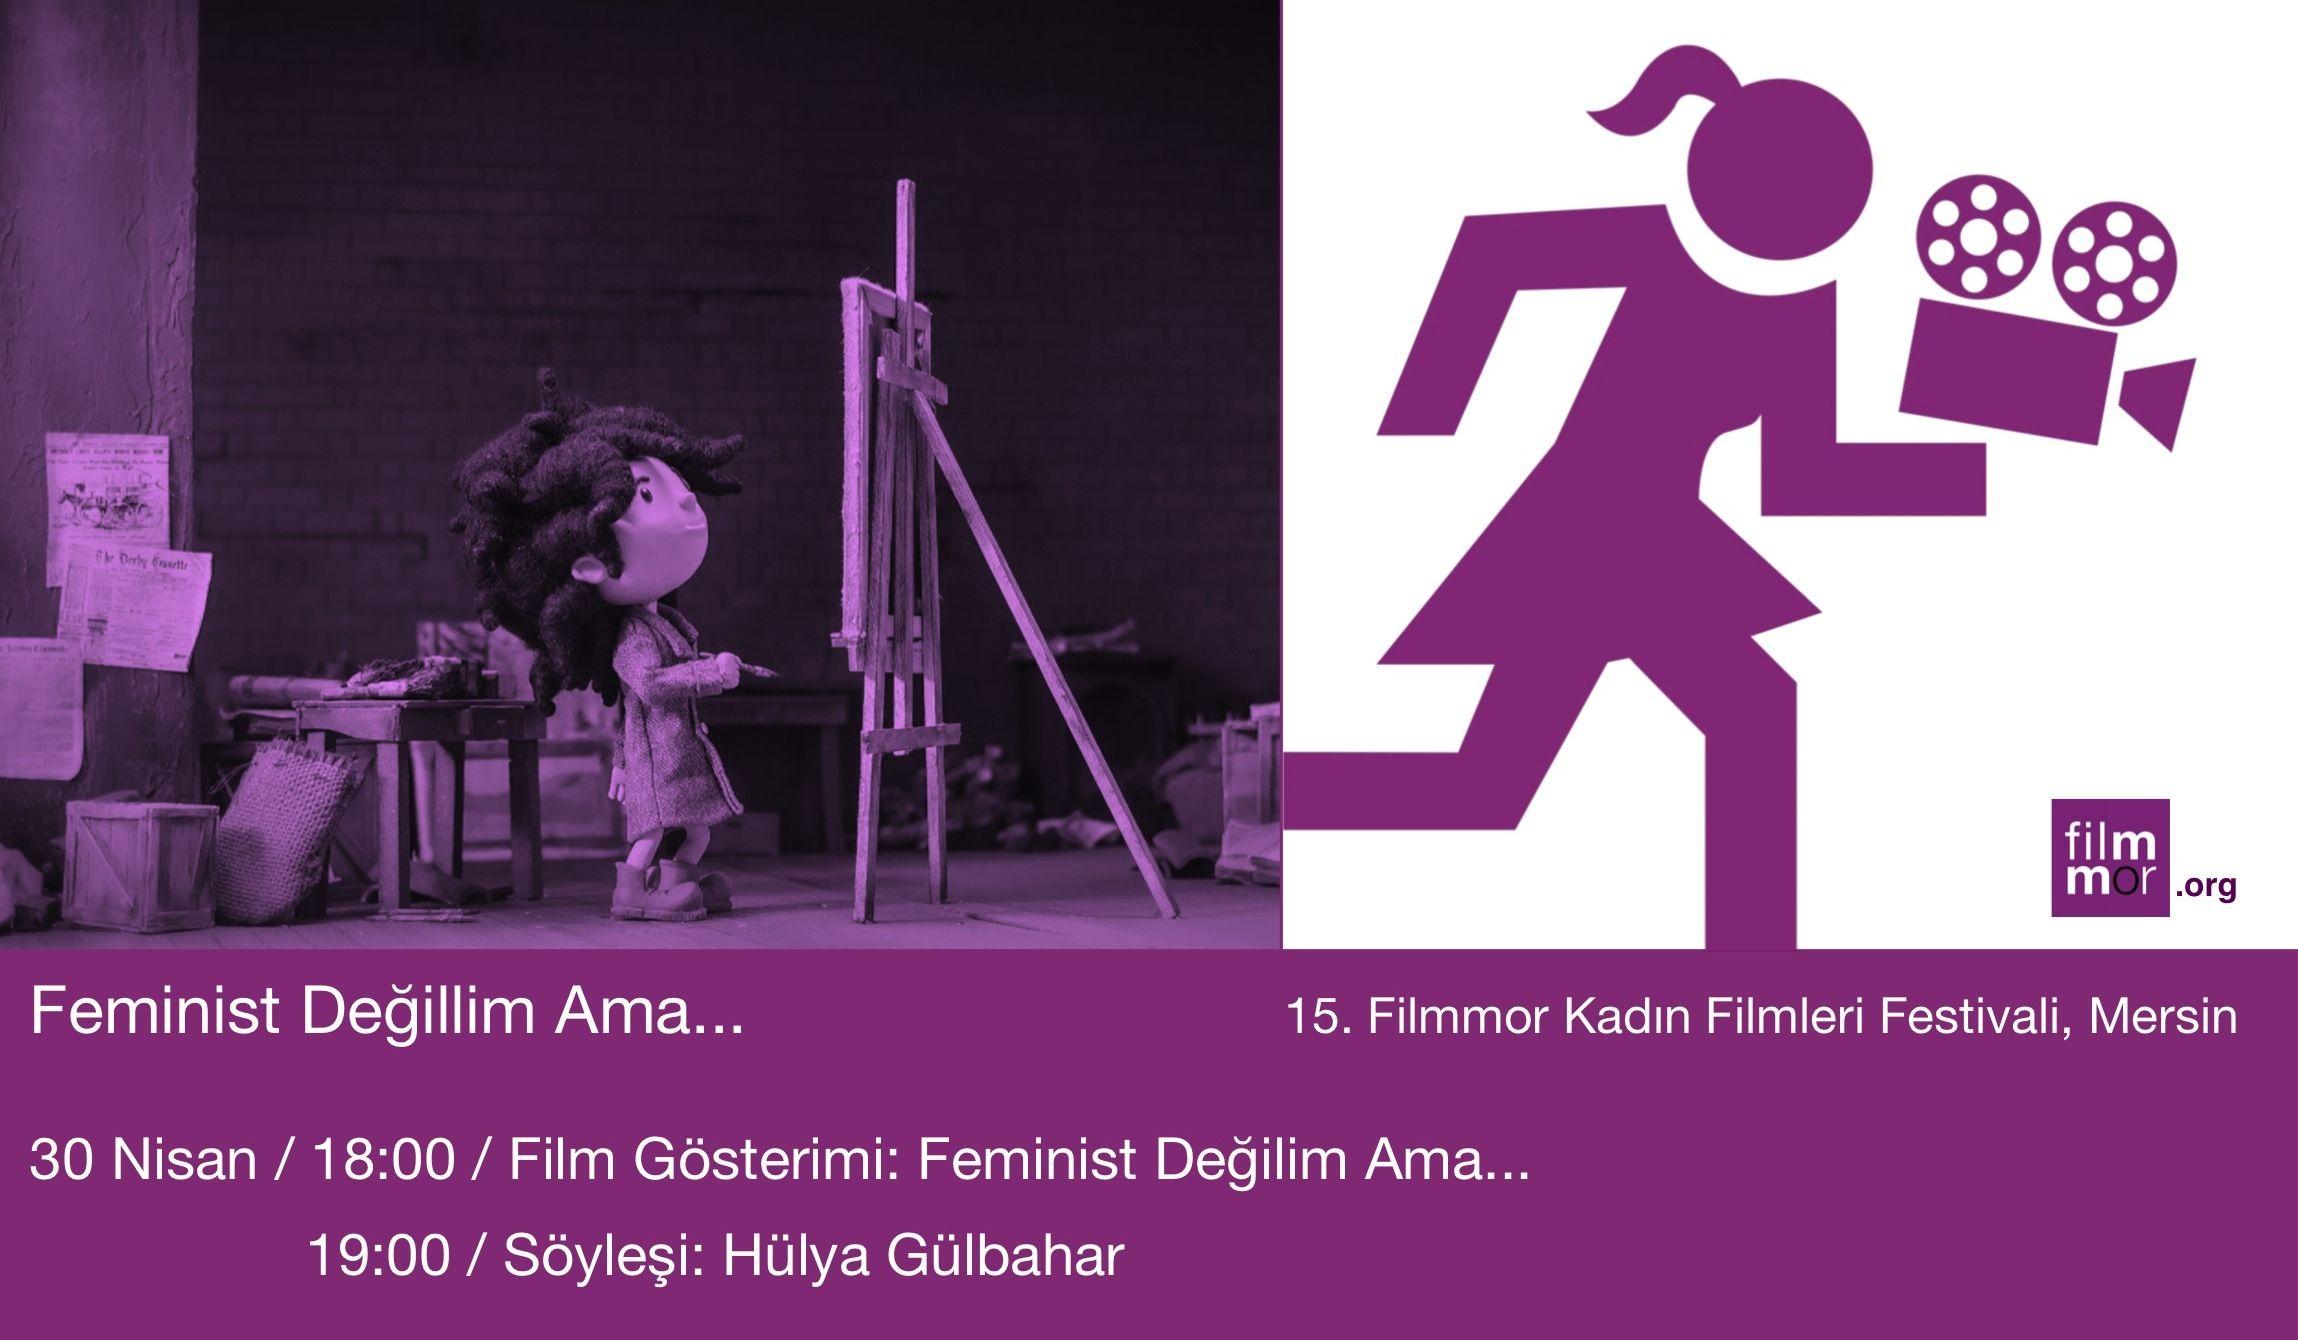 15. Uluslararası Gezici Filmmor Kadın Filmleri Festivali